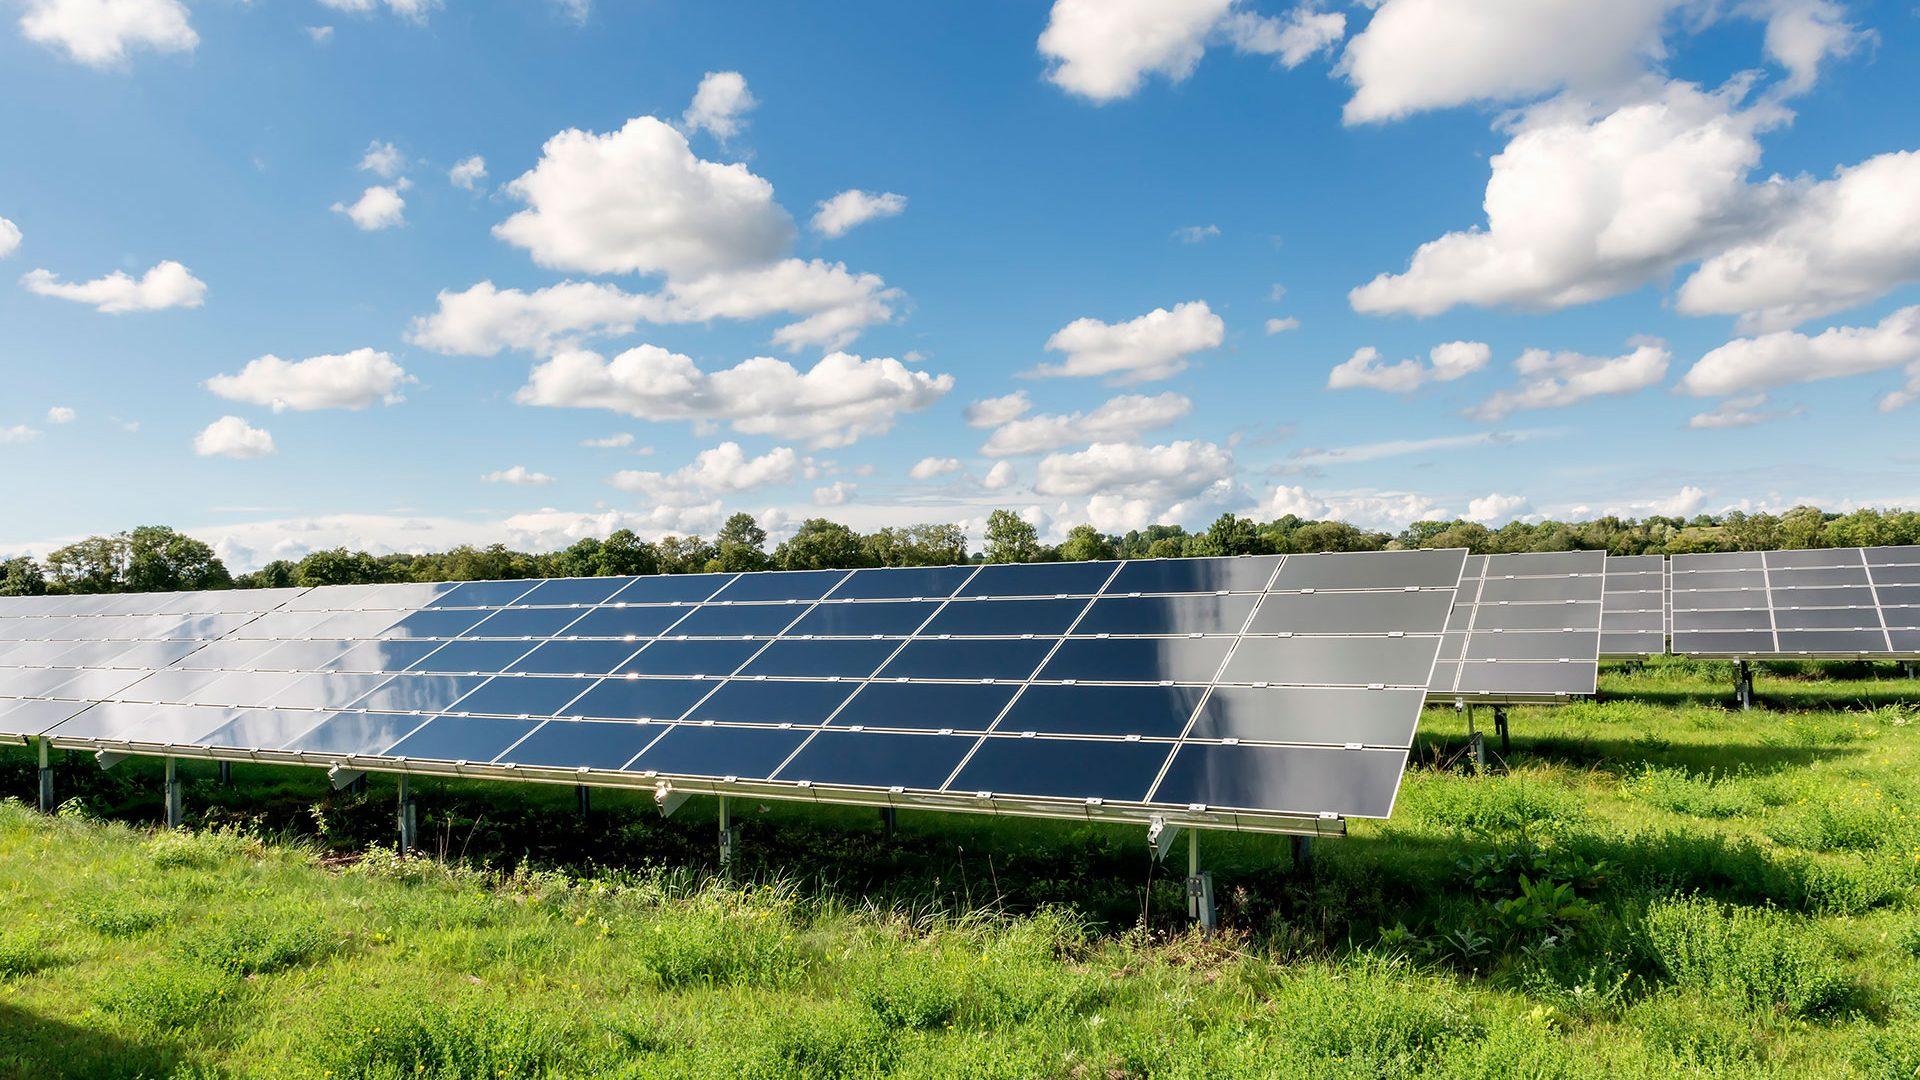 太陽光投資×クラウドファンディング